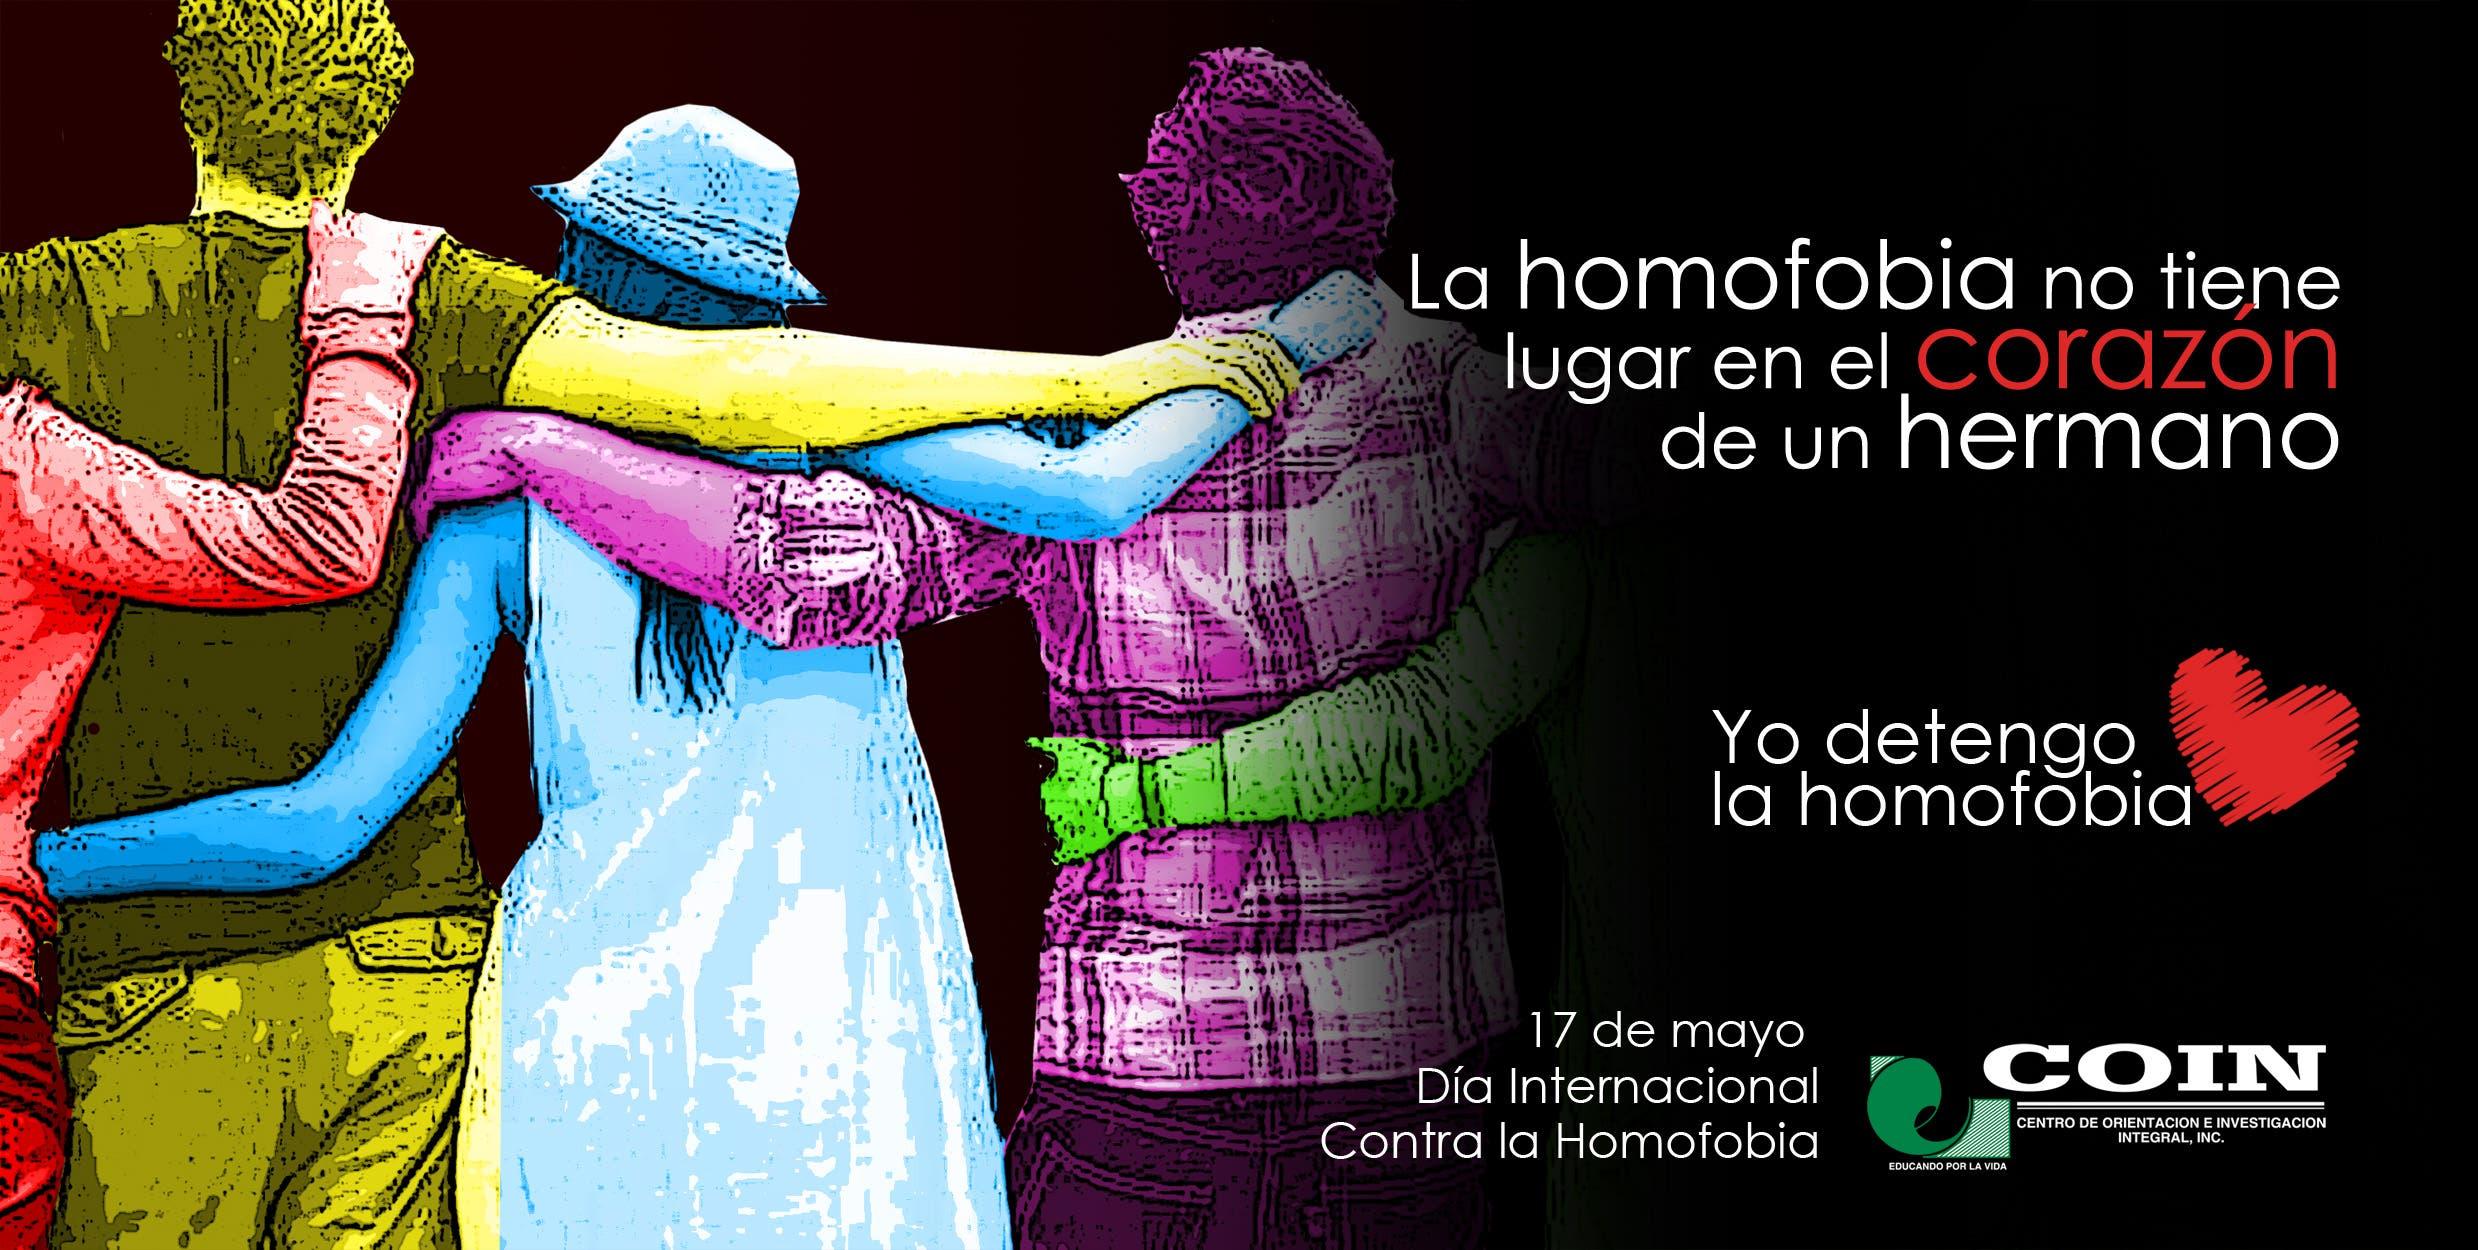 COIN lanza campaña contra la homofobia en RD